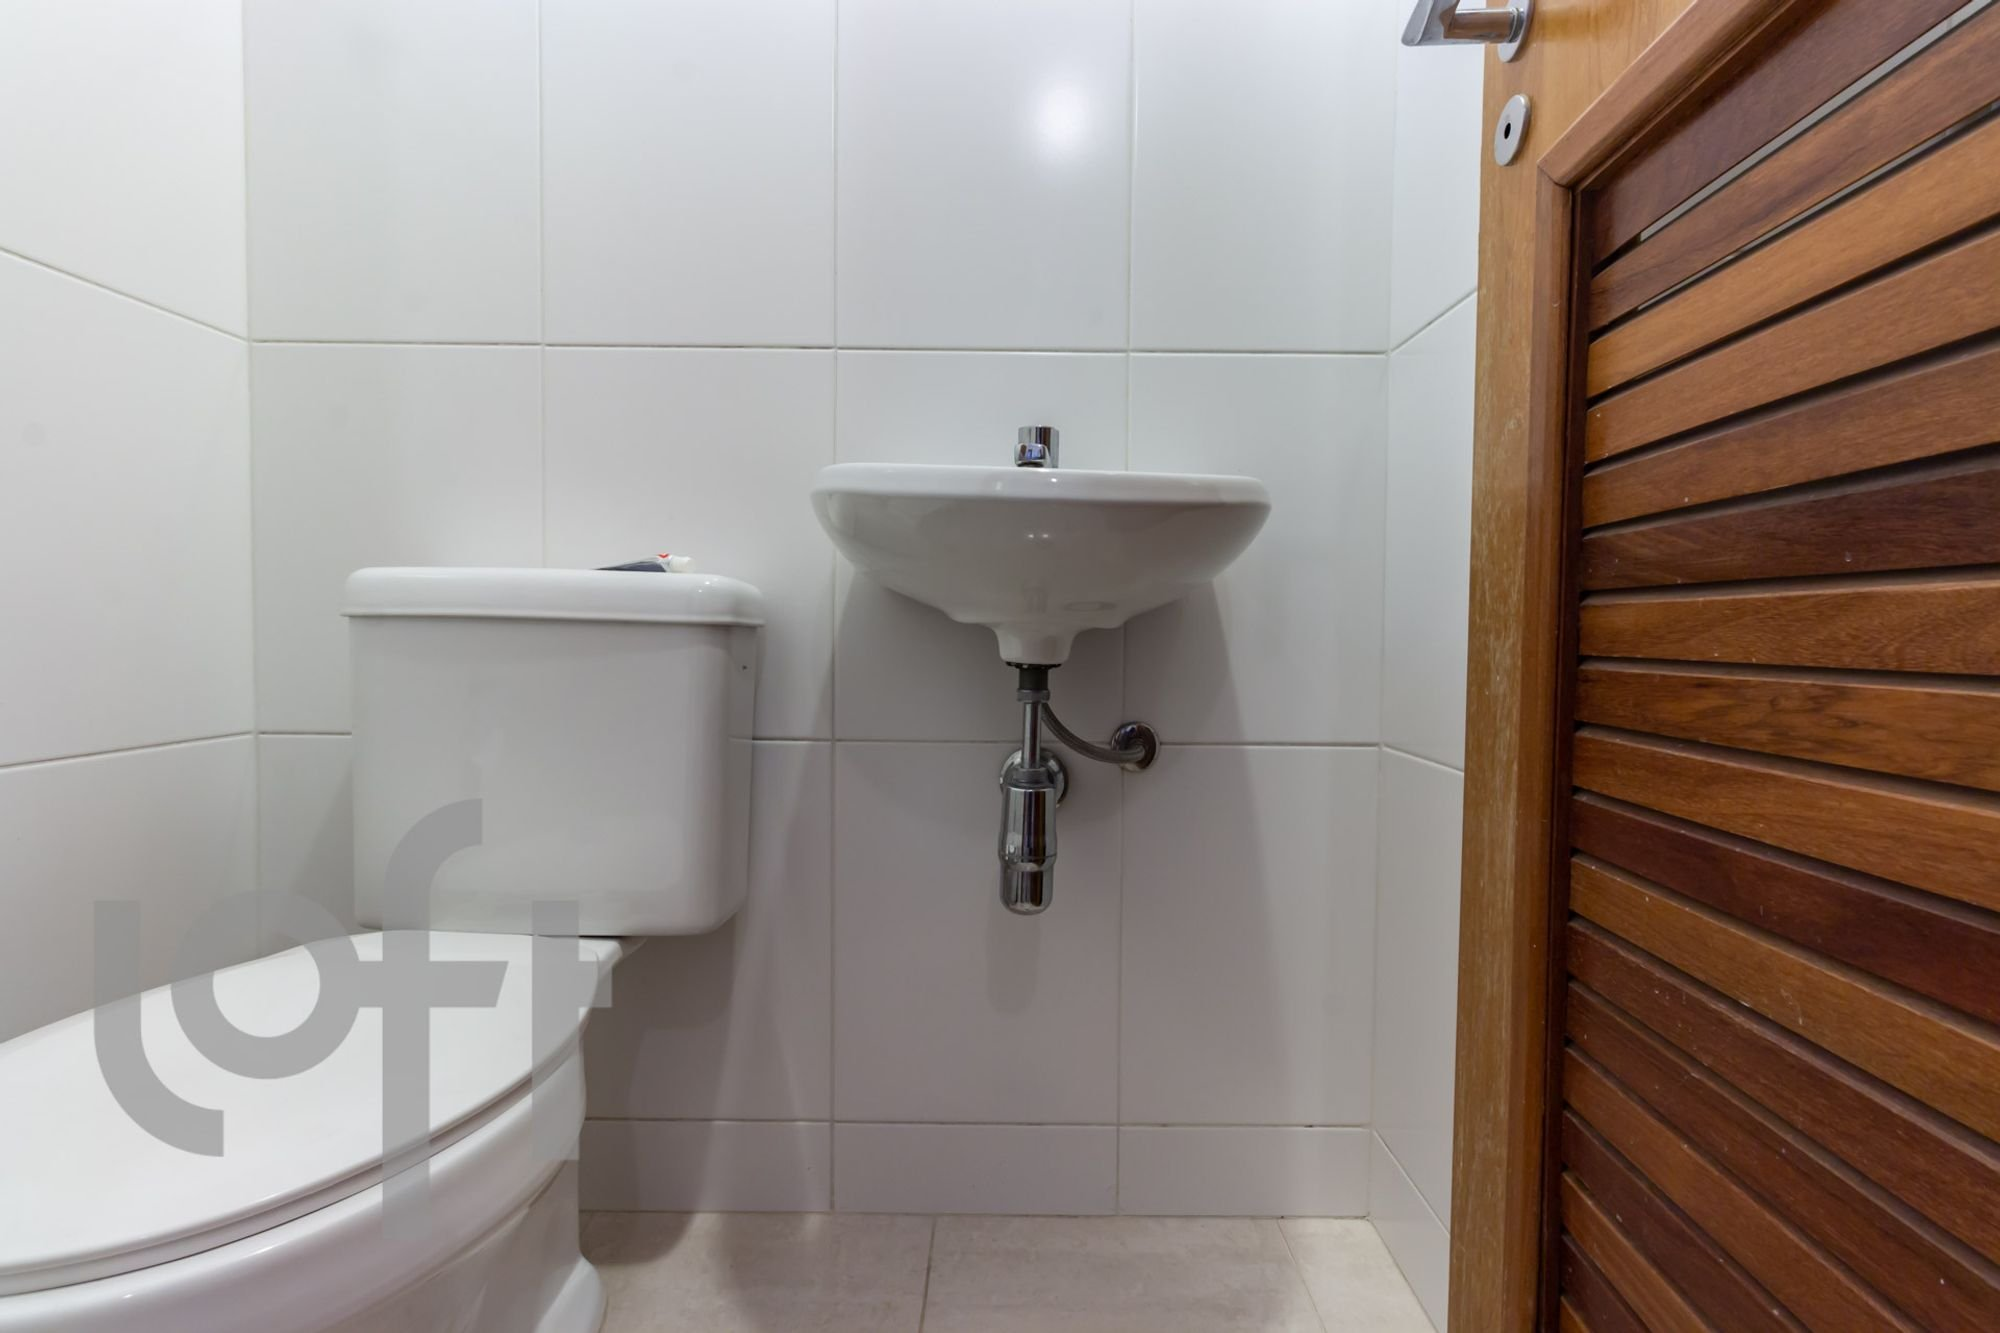 Foto de Banheiro com escova de dente, pia, xícara